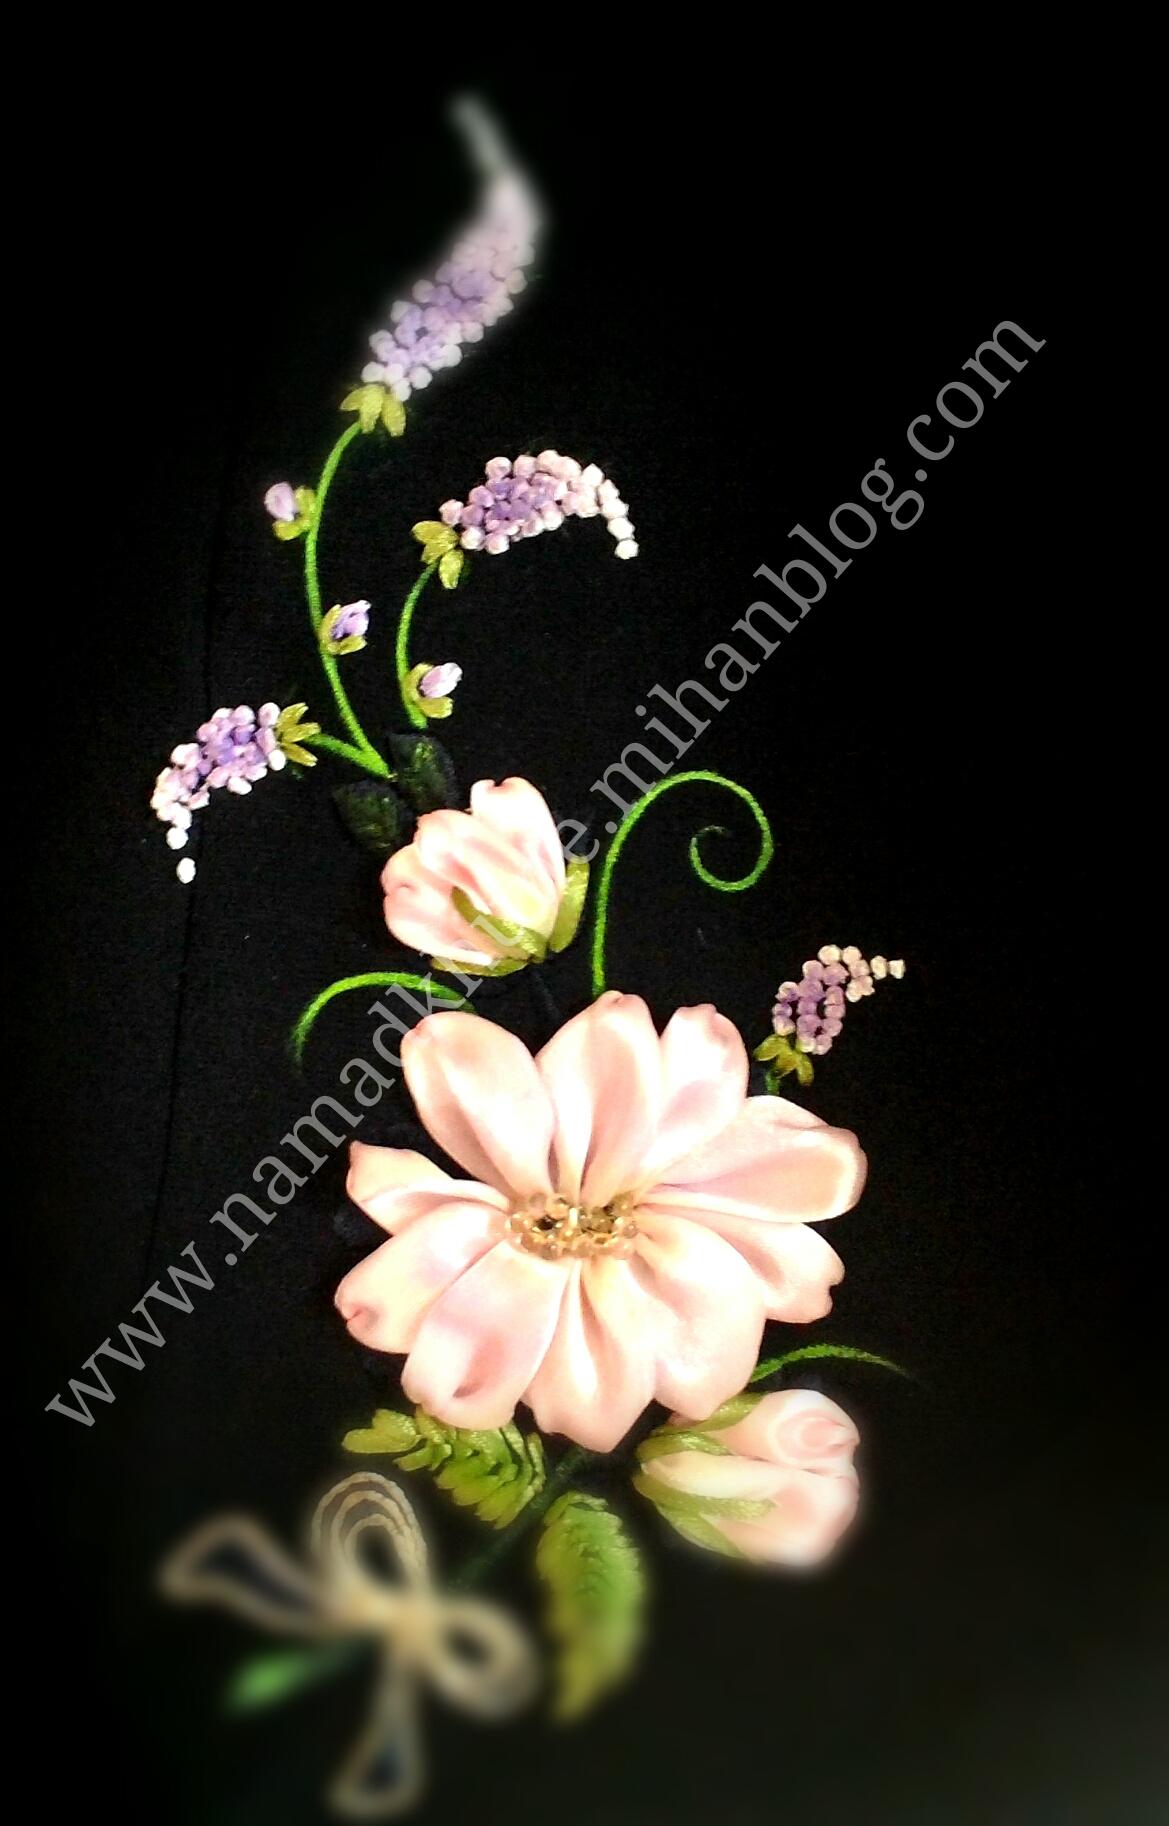 آموزش گلسازی عکس های مدل گلسازی